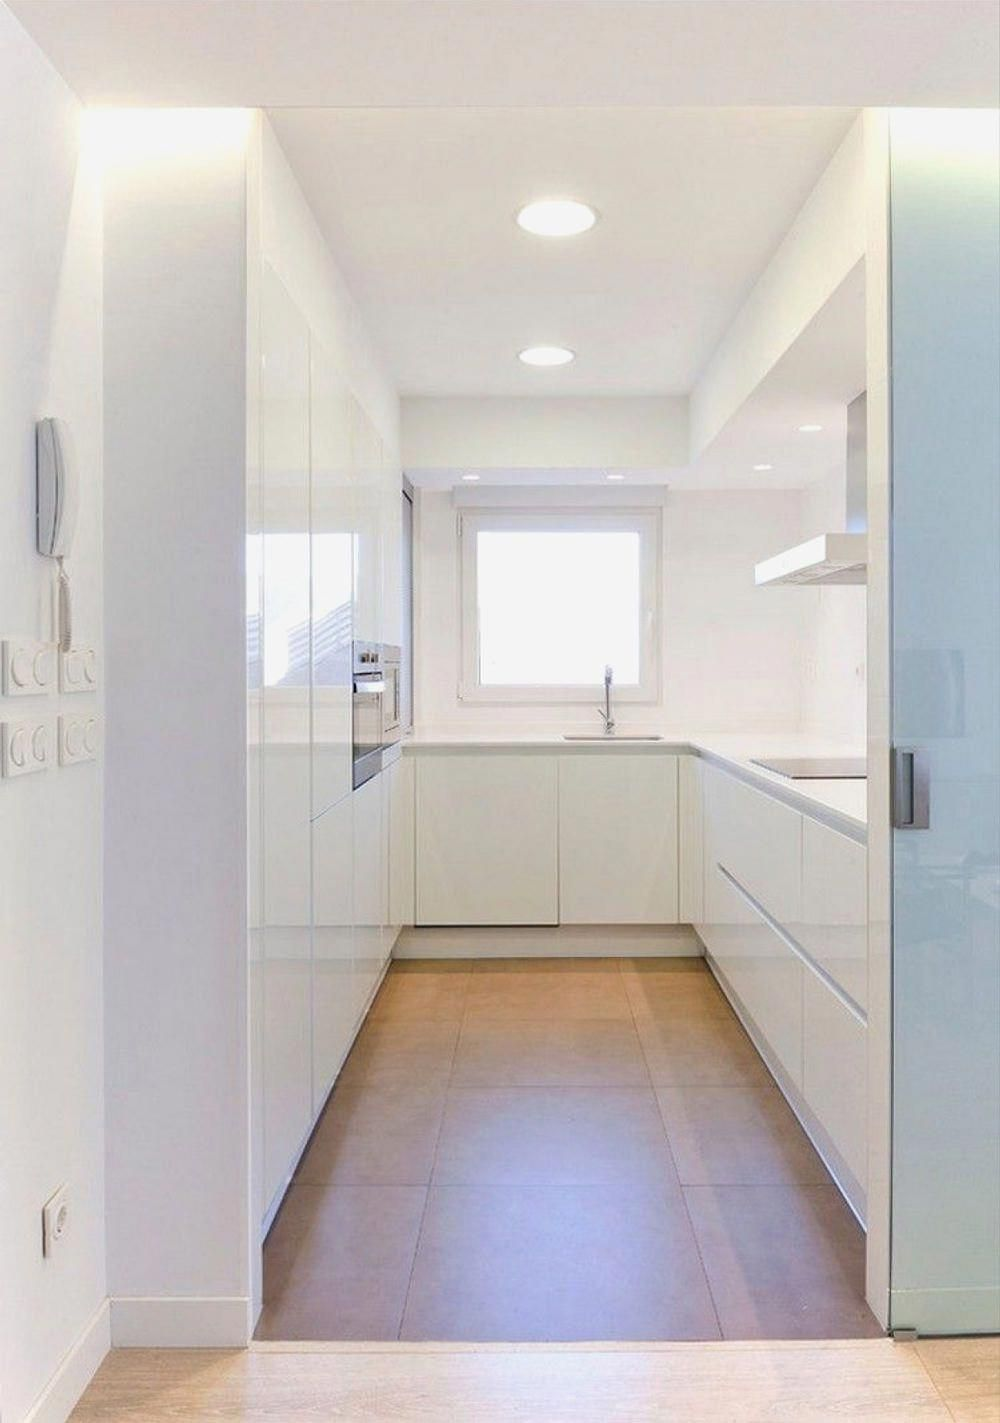 Cucina Con Vetrata Scorrevole piccola cucina bianca a u, con le ante laccate lucide